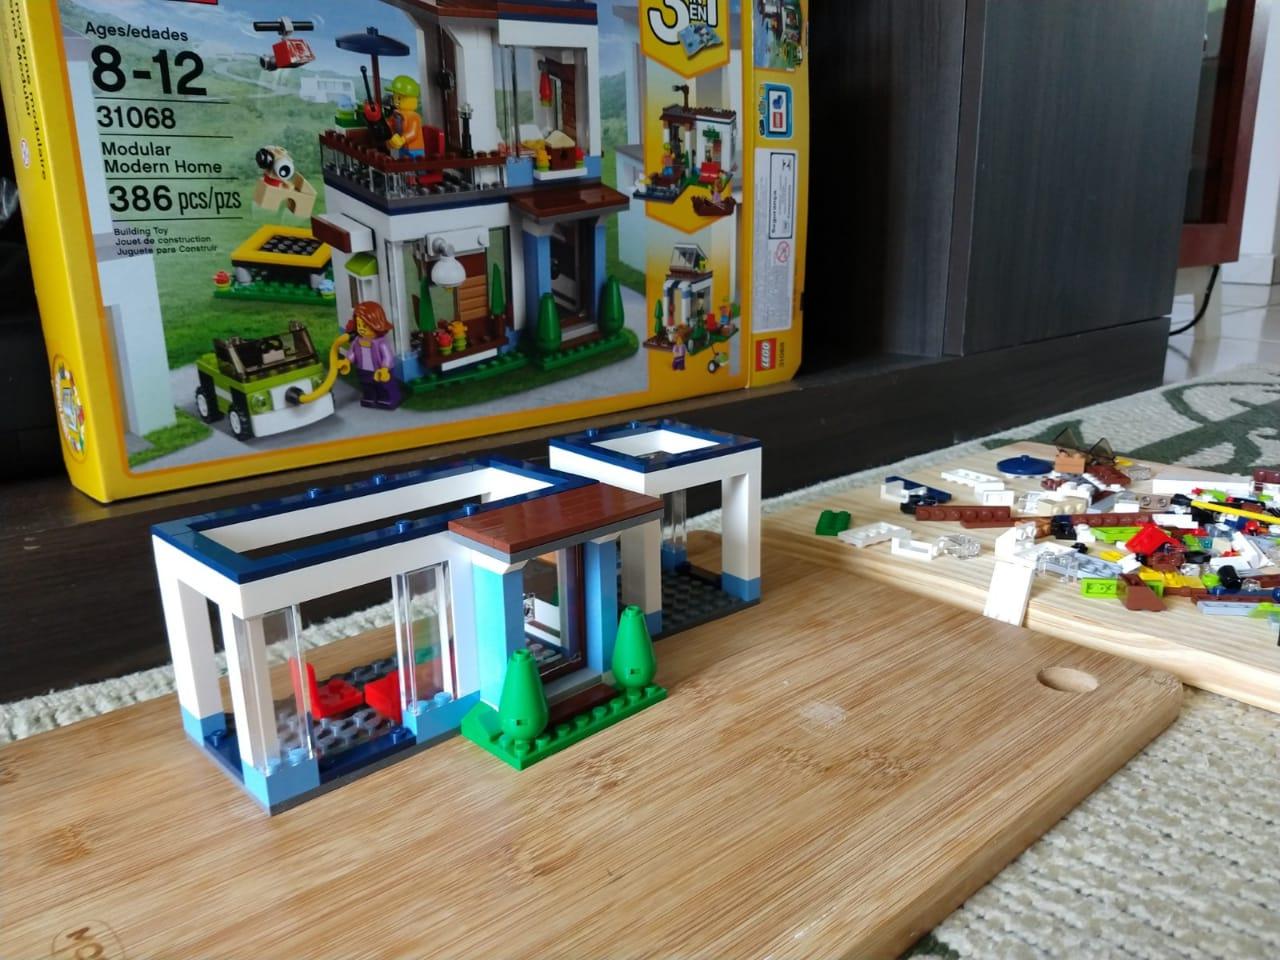 lego modular home 5